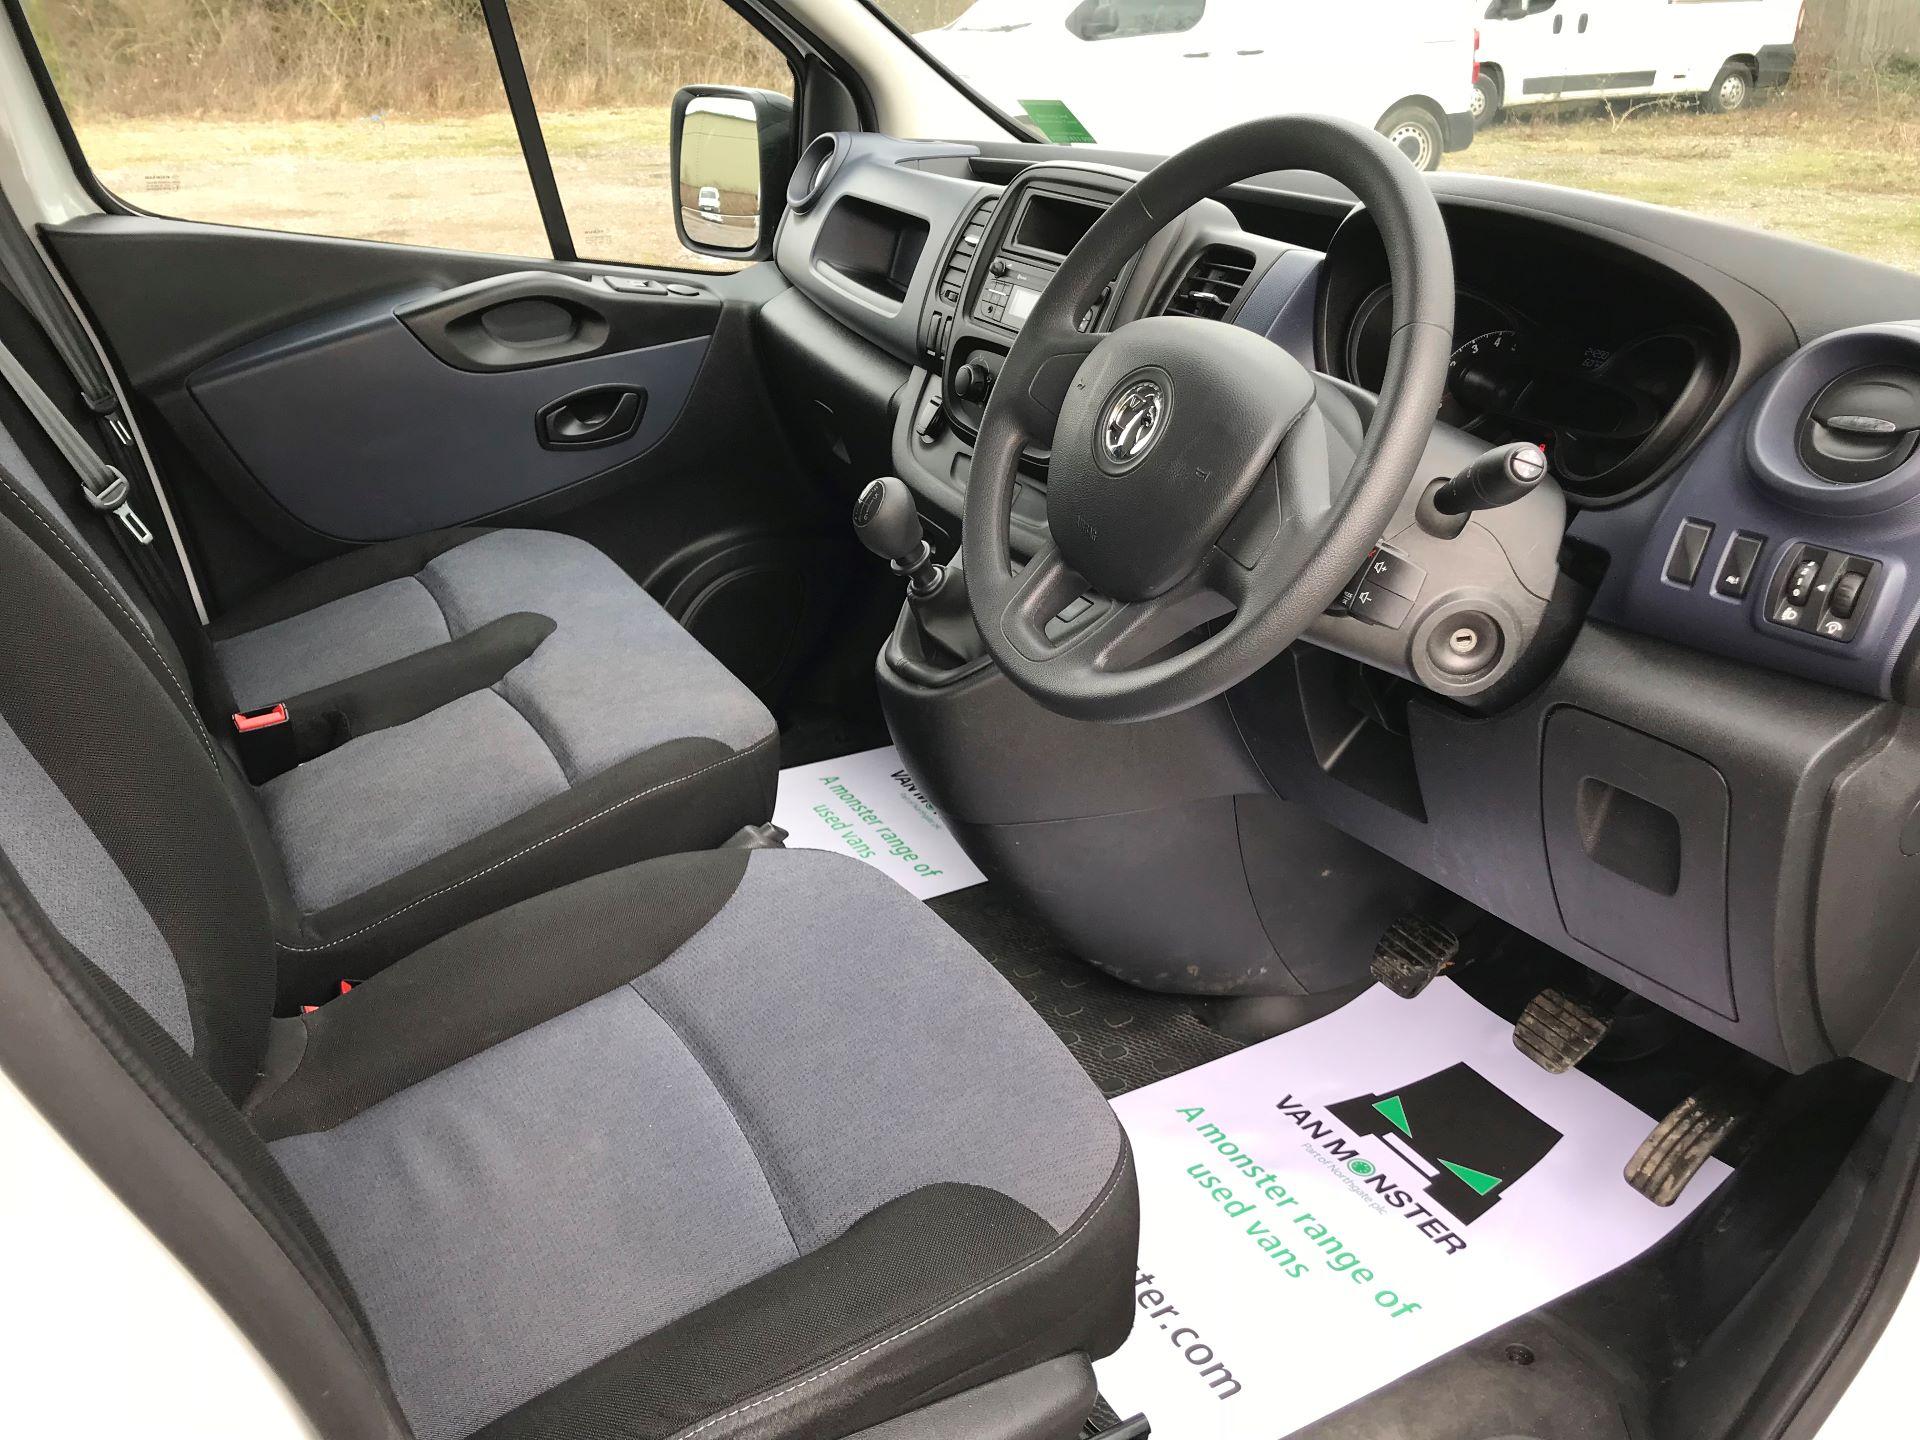 2017 Vauxhall Vivaro L2 H1 2900 1.6CDTI 120PS EURO 6 (DV67WLK) Image 23